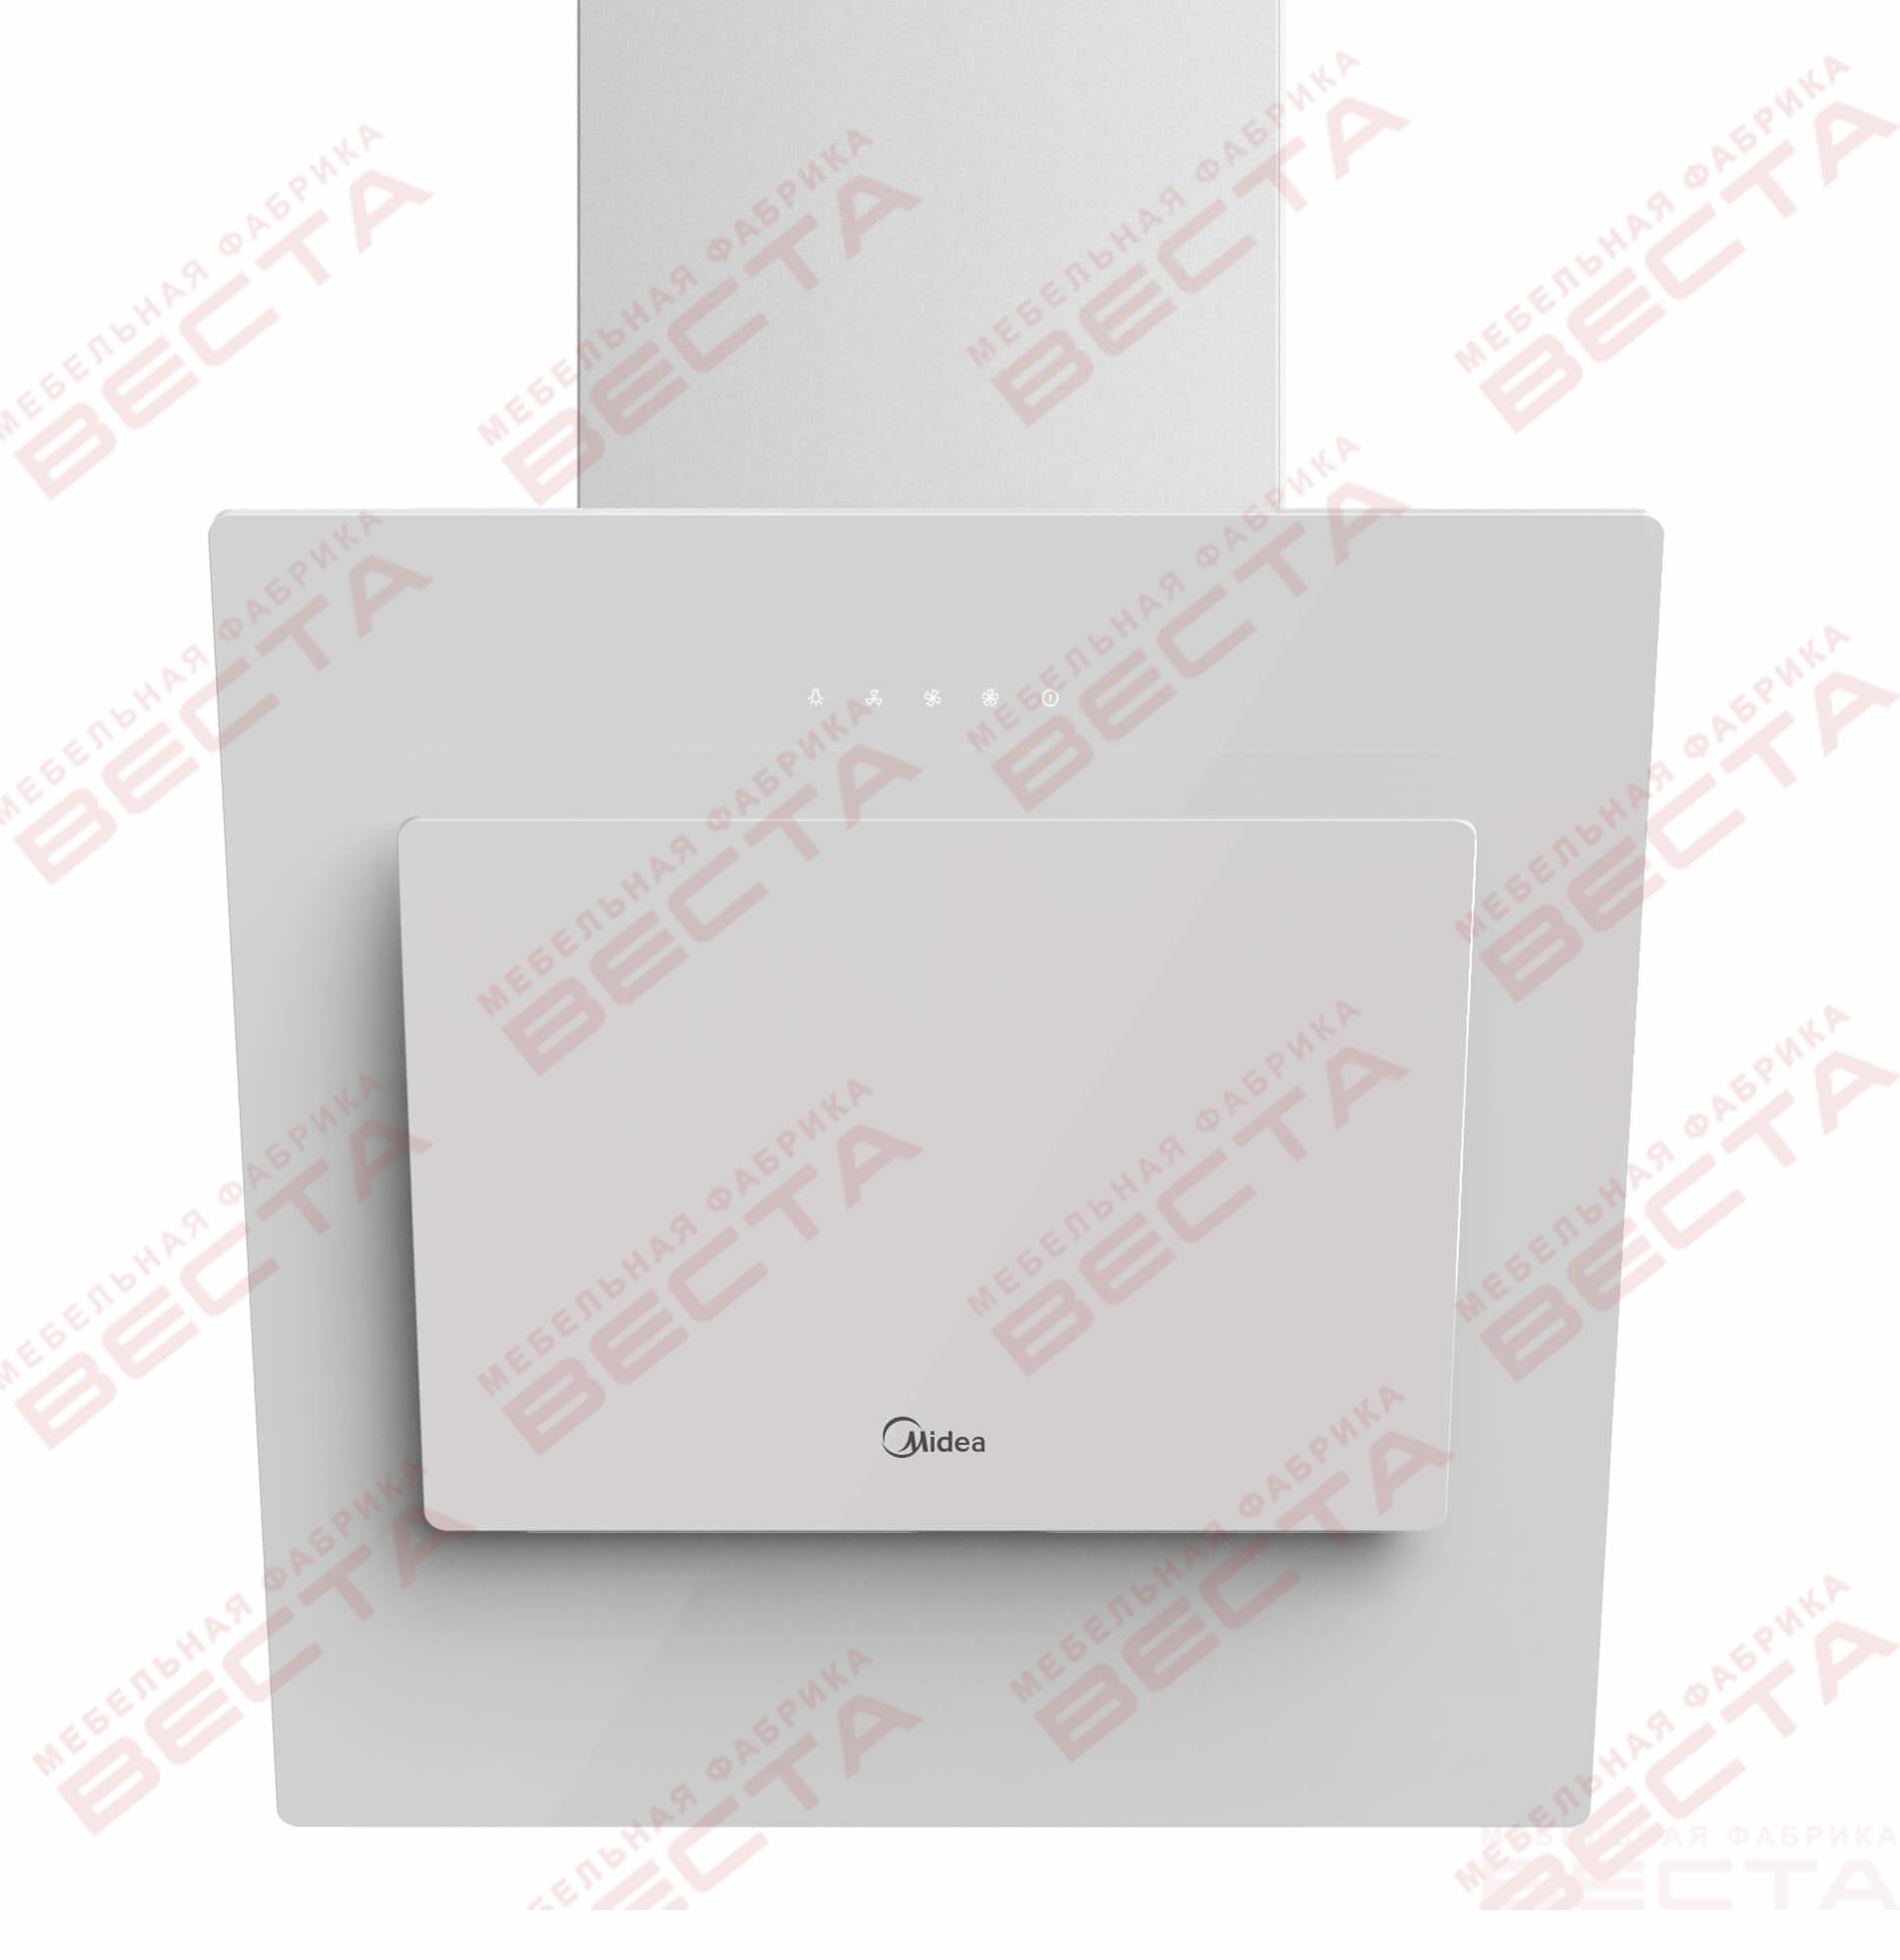 Вытяжка наклонная MIDEA MH60AN595GB, 60 см, без угольн. фильтра, черный/черное стекло/белое стекло-2